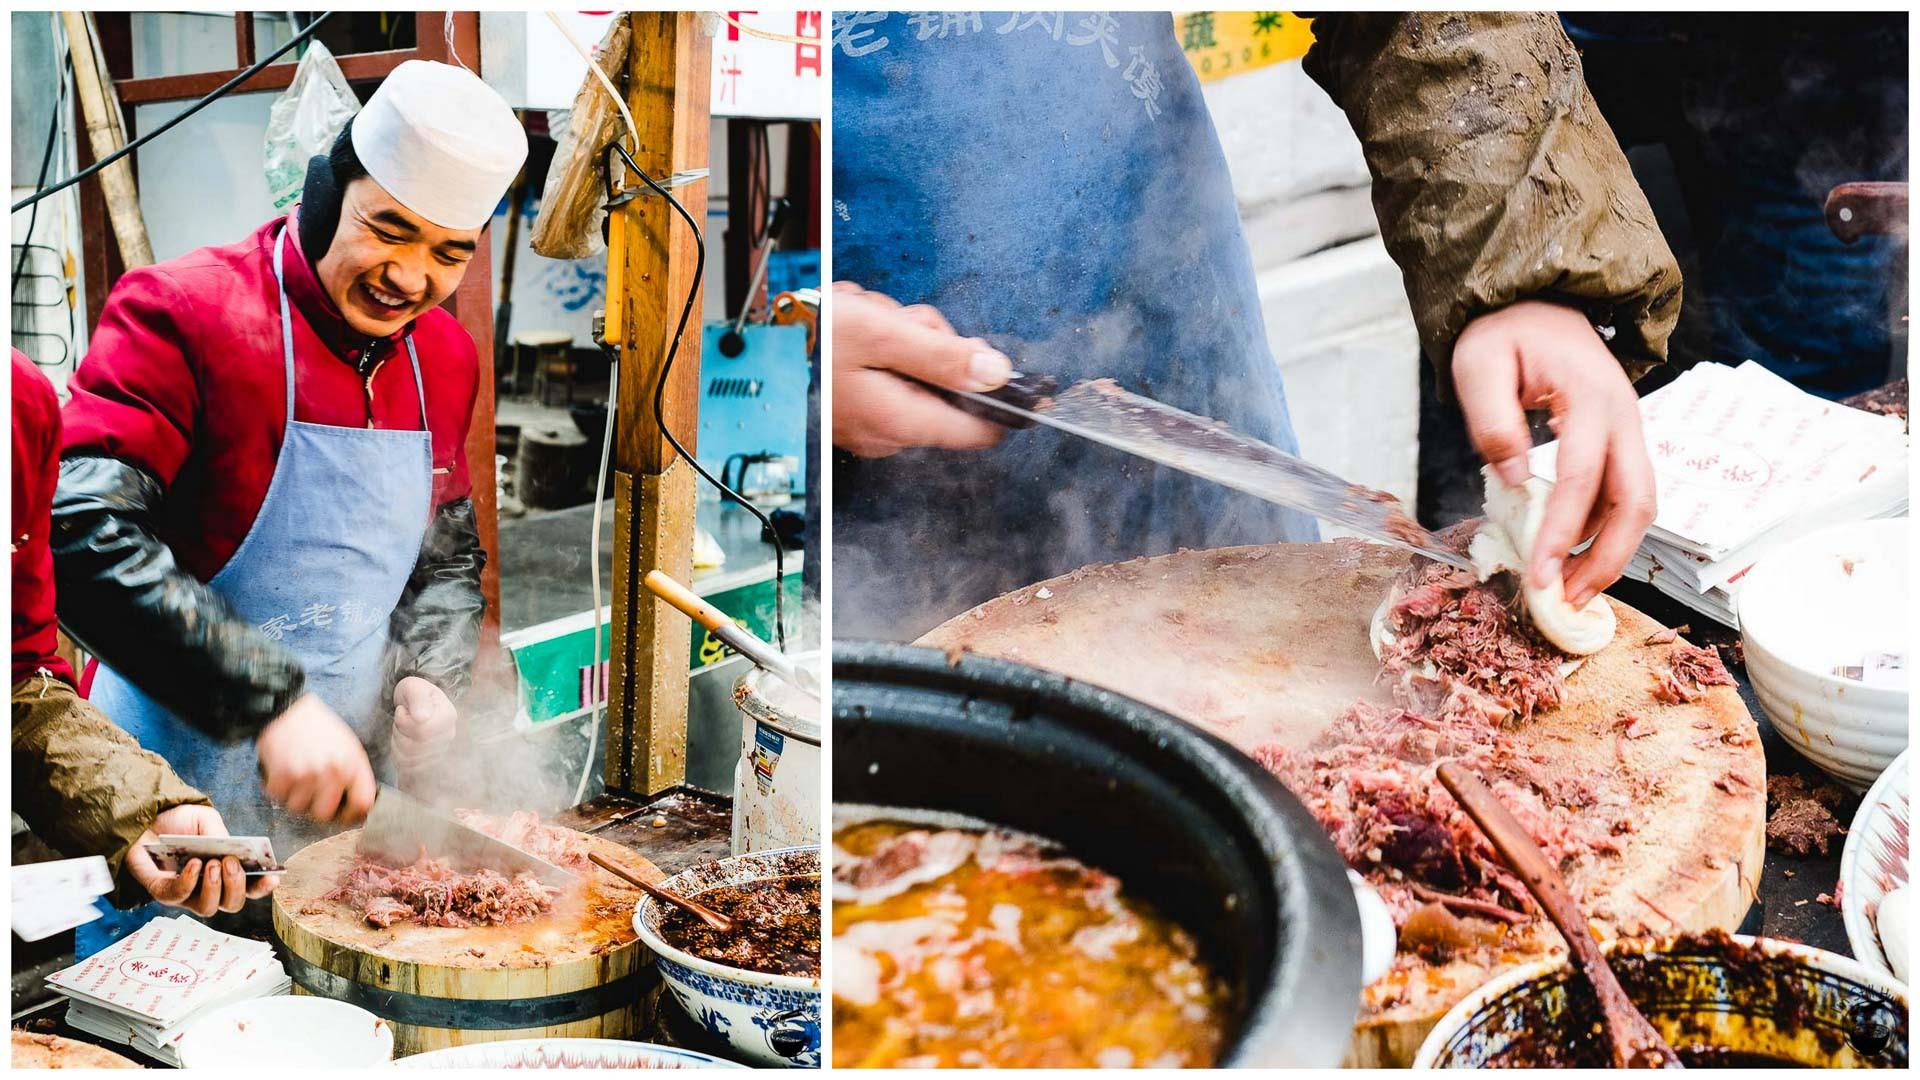 6 món ăn vặt ở Tây An (Trung Quốc) nhìn là thèm: có món còn là di sản văn hóa phi vật thể - Ảnh 1.